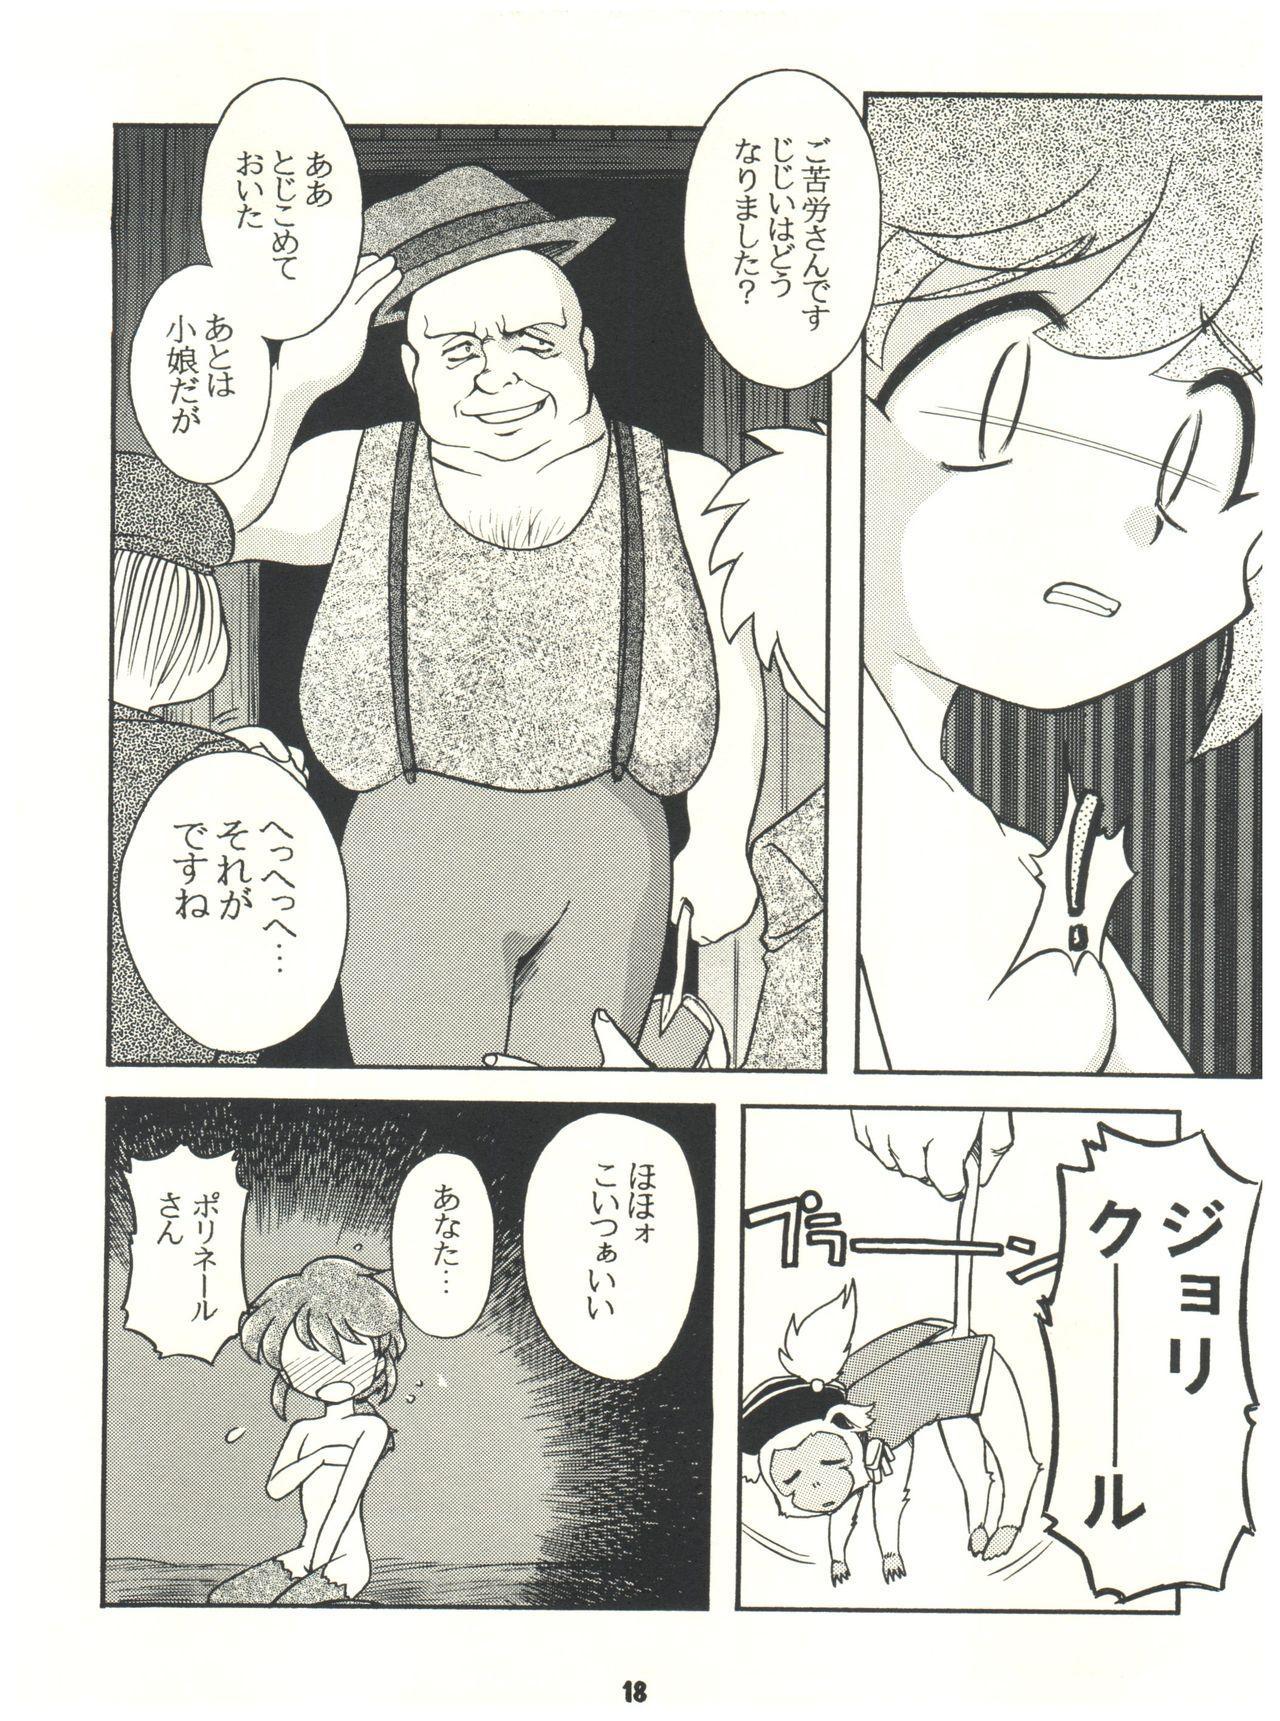 [Sairo Publishing (J. Sairo) En-Jack 2 (Various) 17